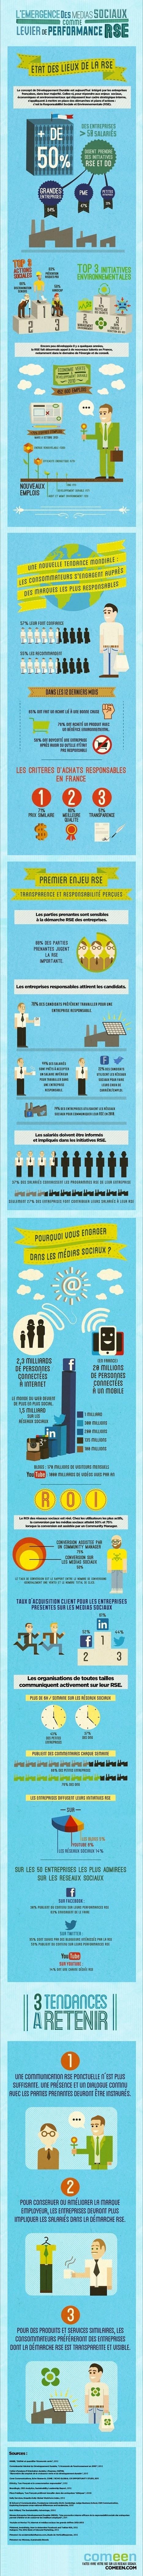 Réseaux sociaux: quel intérêt pour une communication RSE?   Responsabilité sociale des entreprises (RSE)   Scoop.it